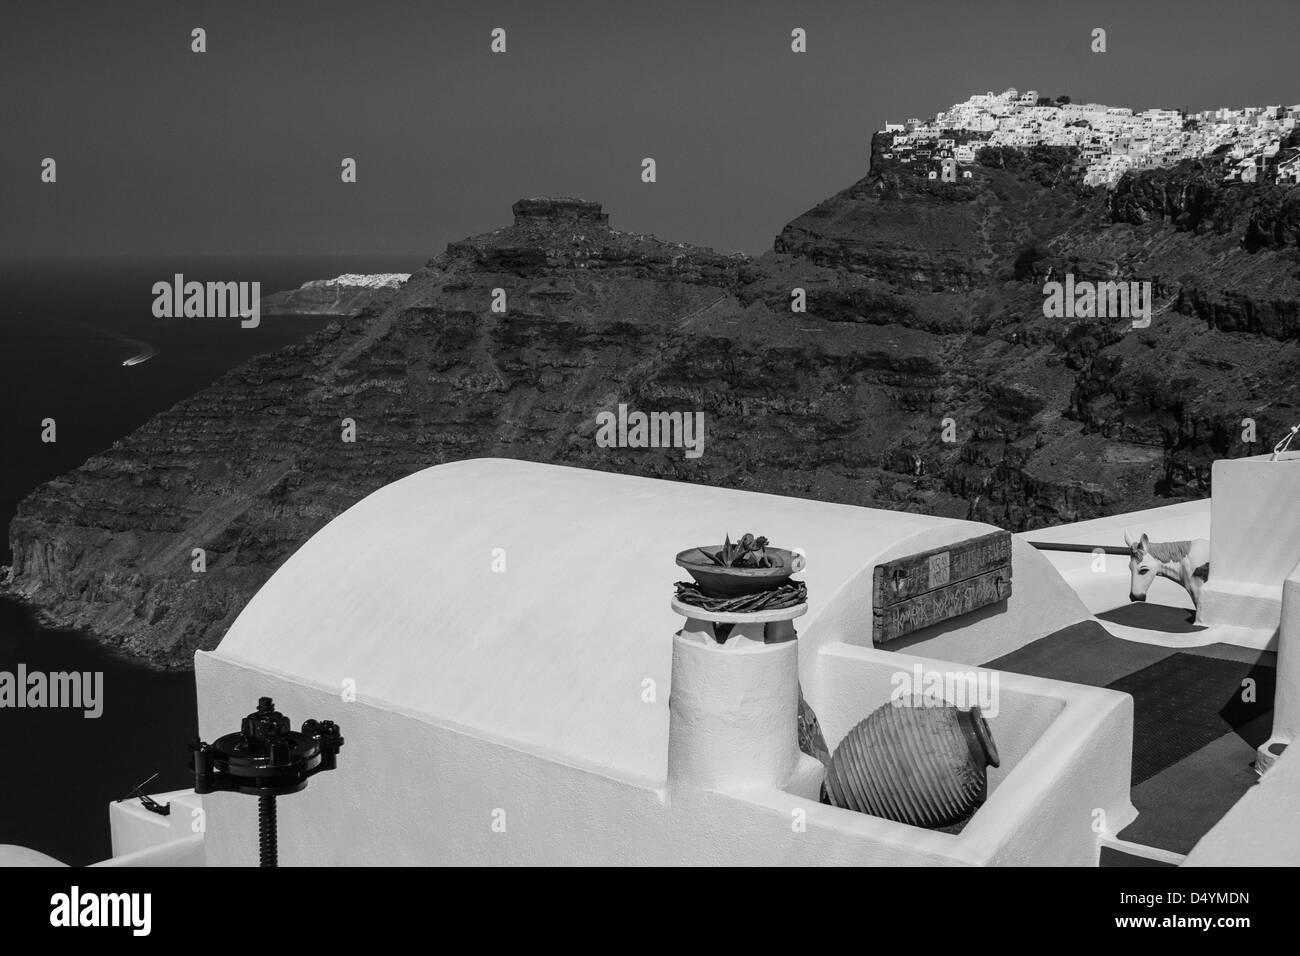 Picture taken in Santorini, Greece - Stock Image